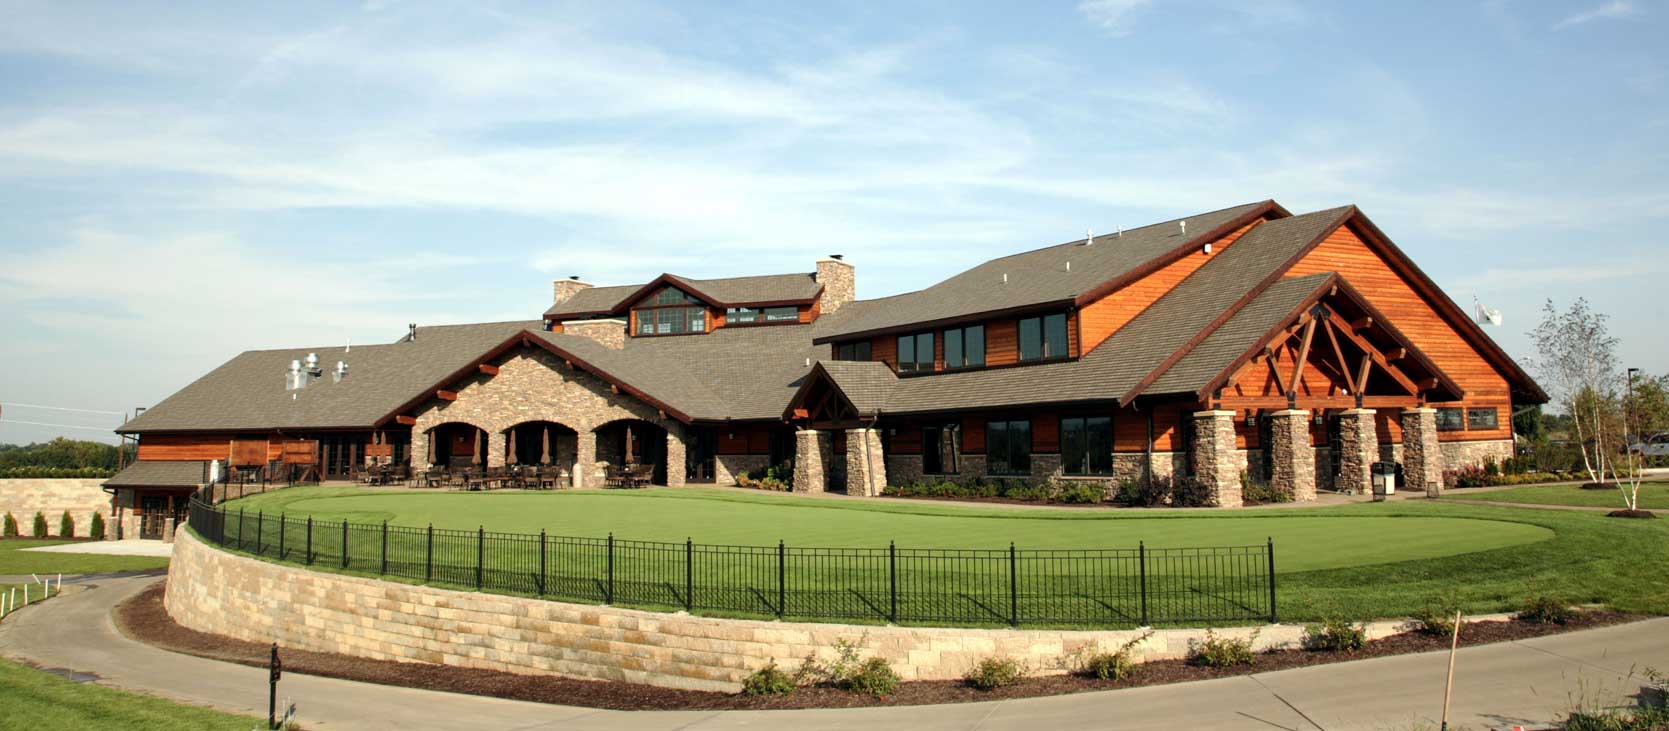 Staley Farms Golf Club